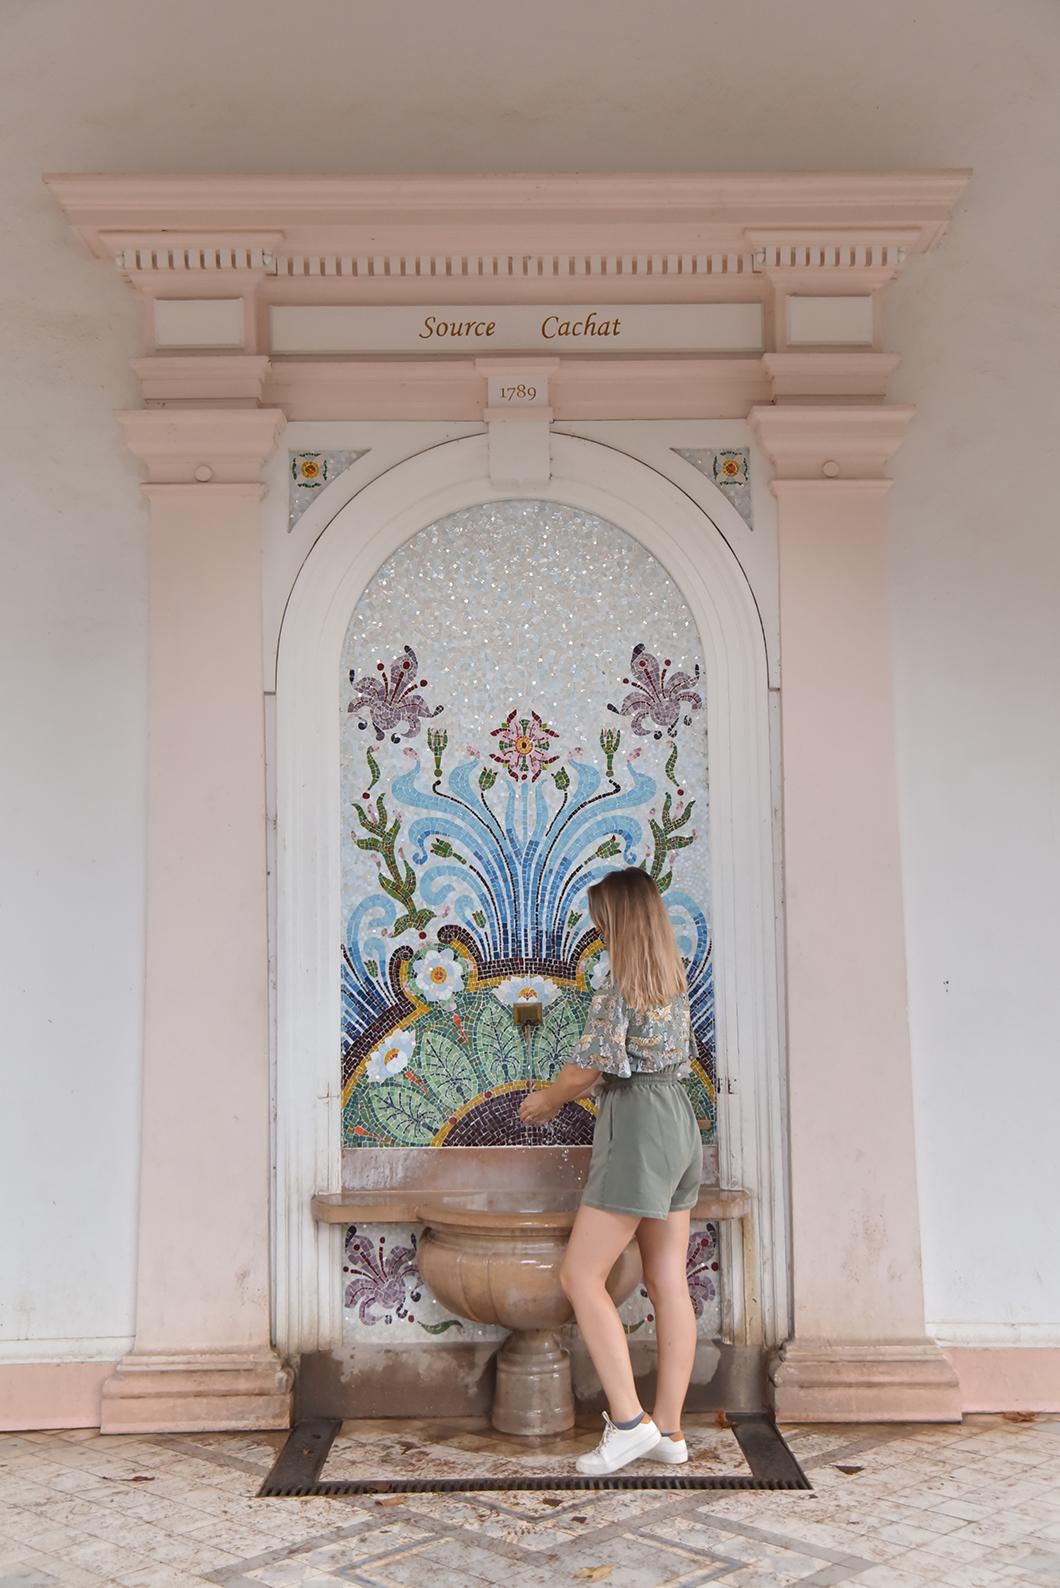 Découvrir la Fontaine Cachat, Incontournables à visiter à Evian